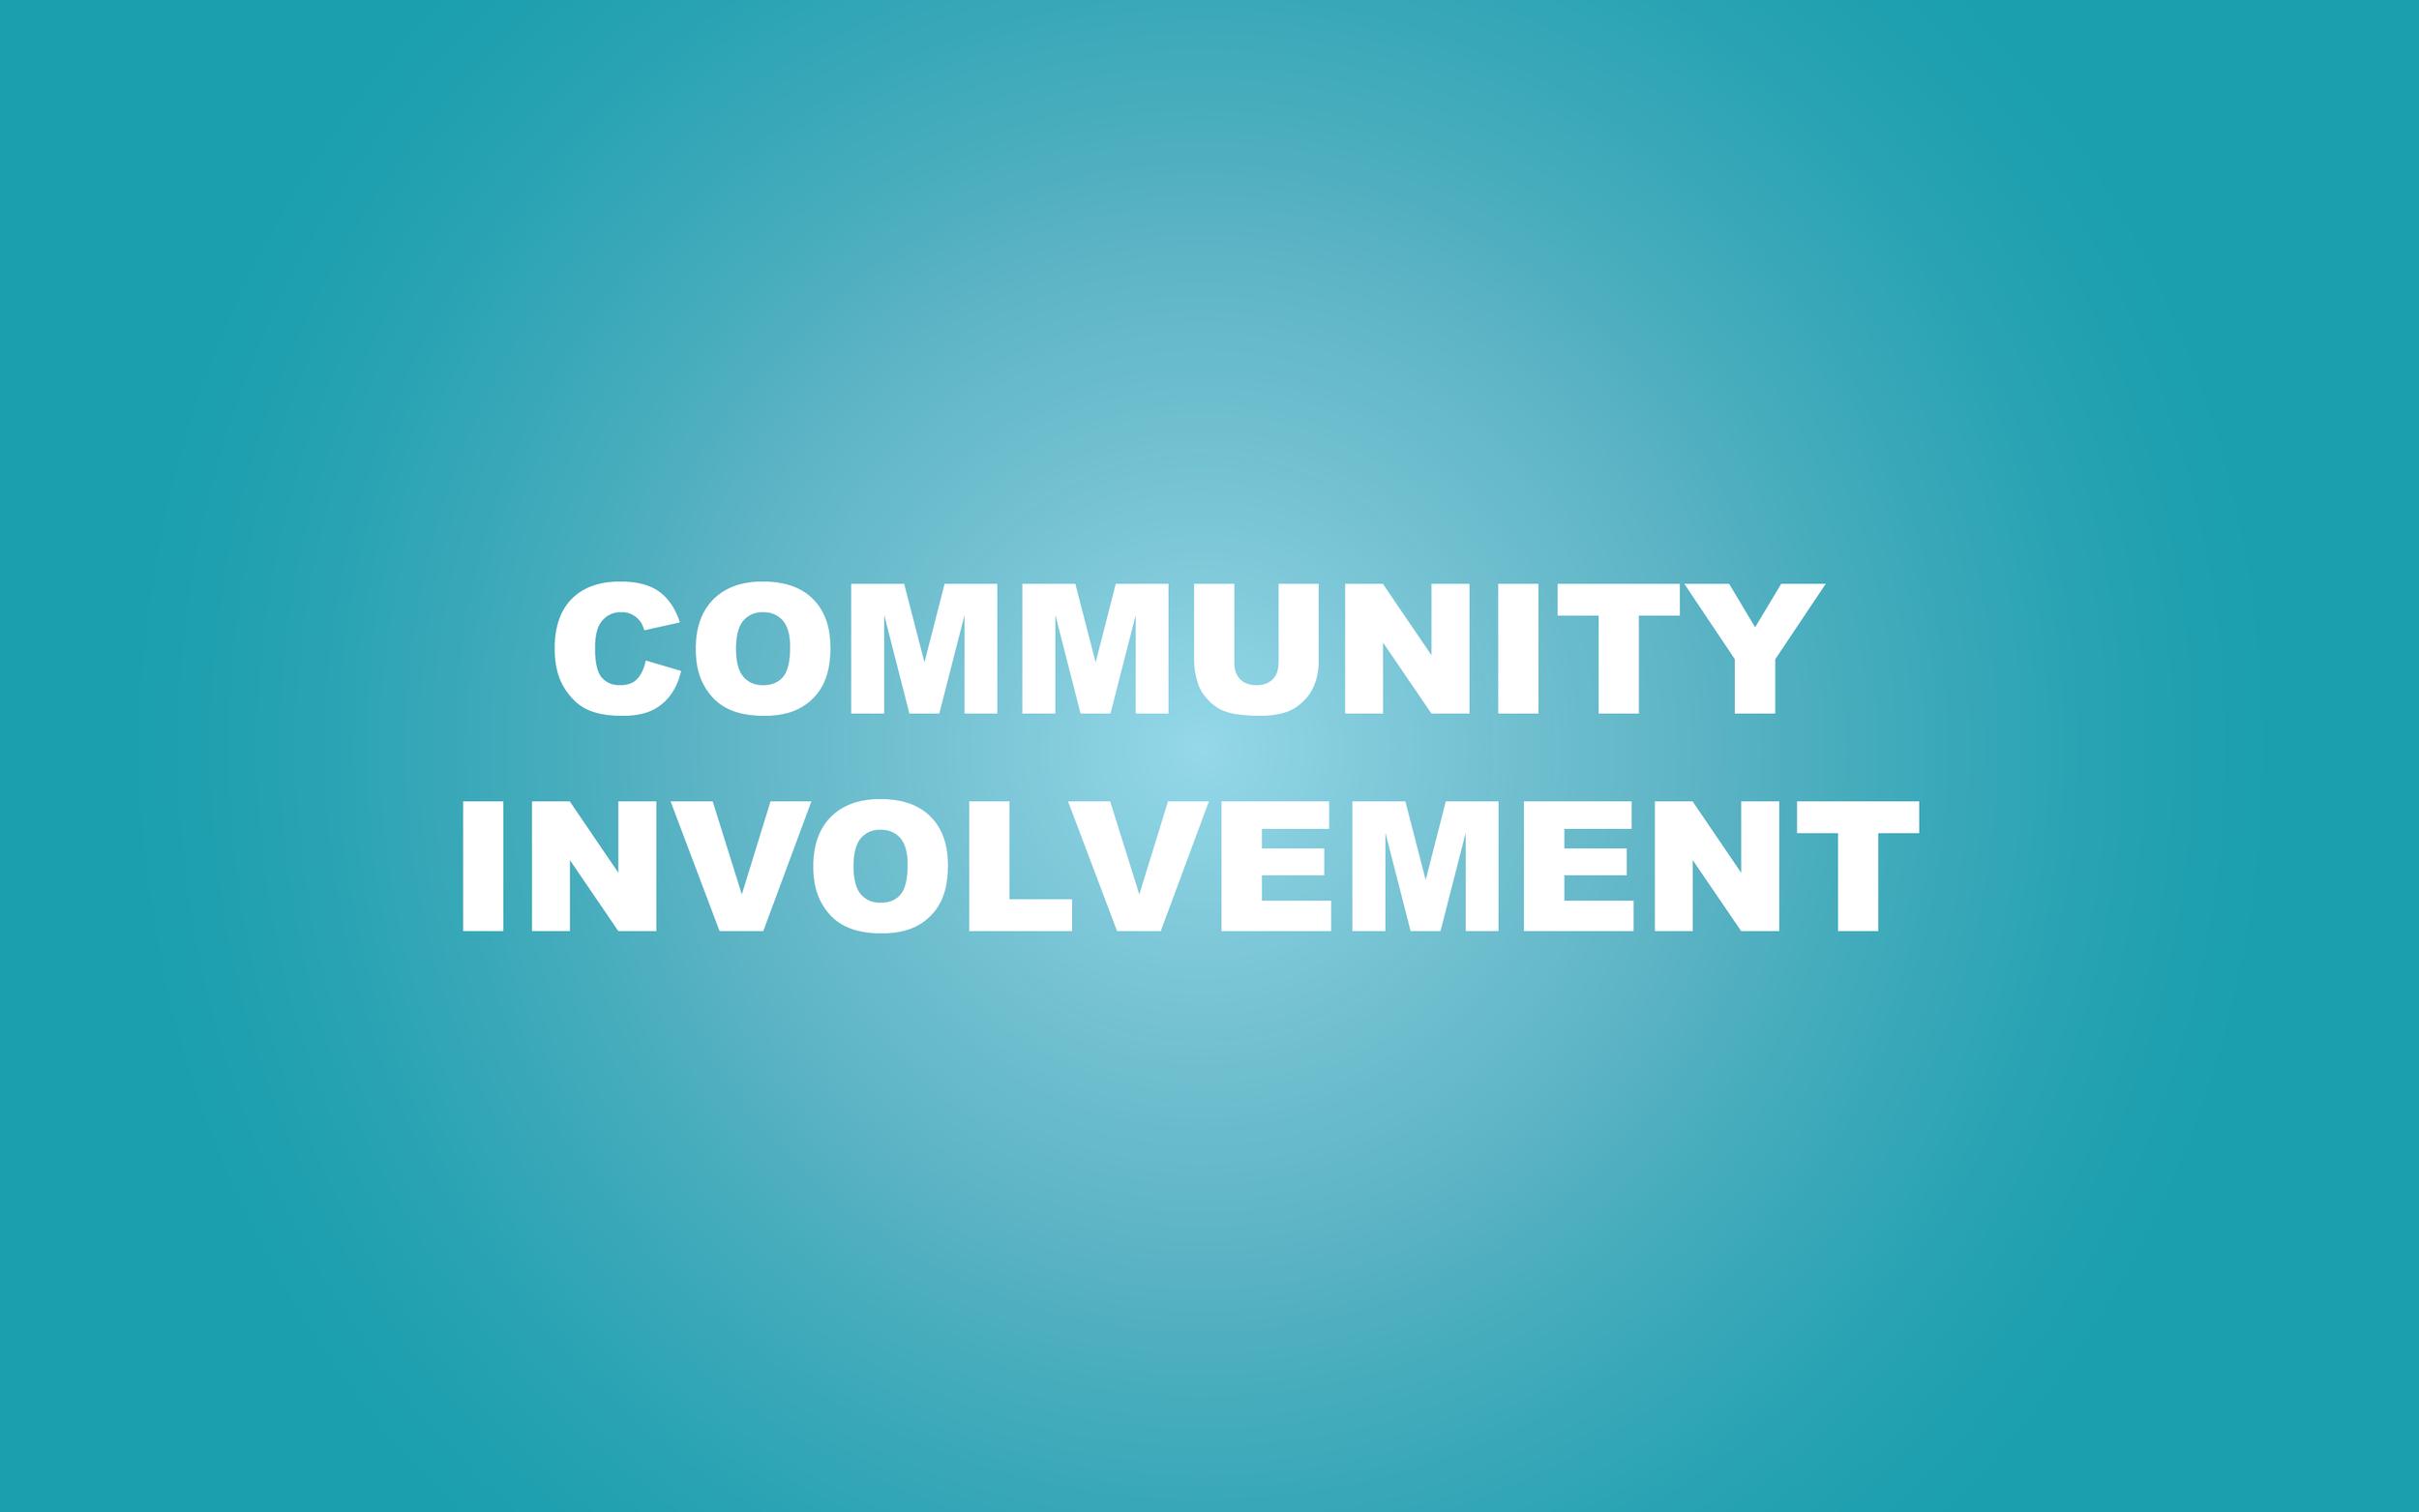 wscc_community_involvement.png